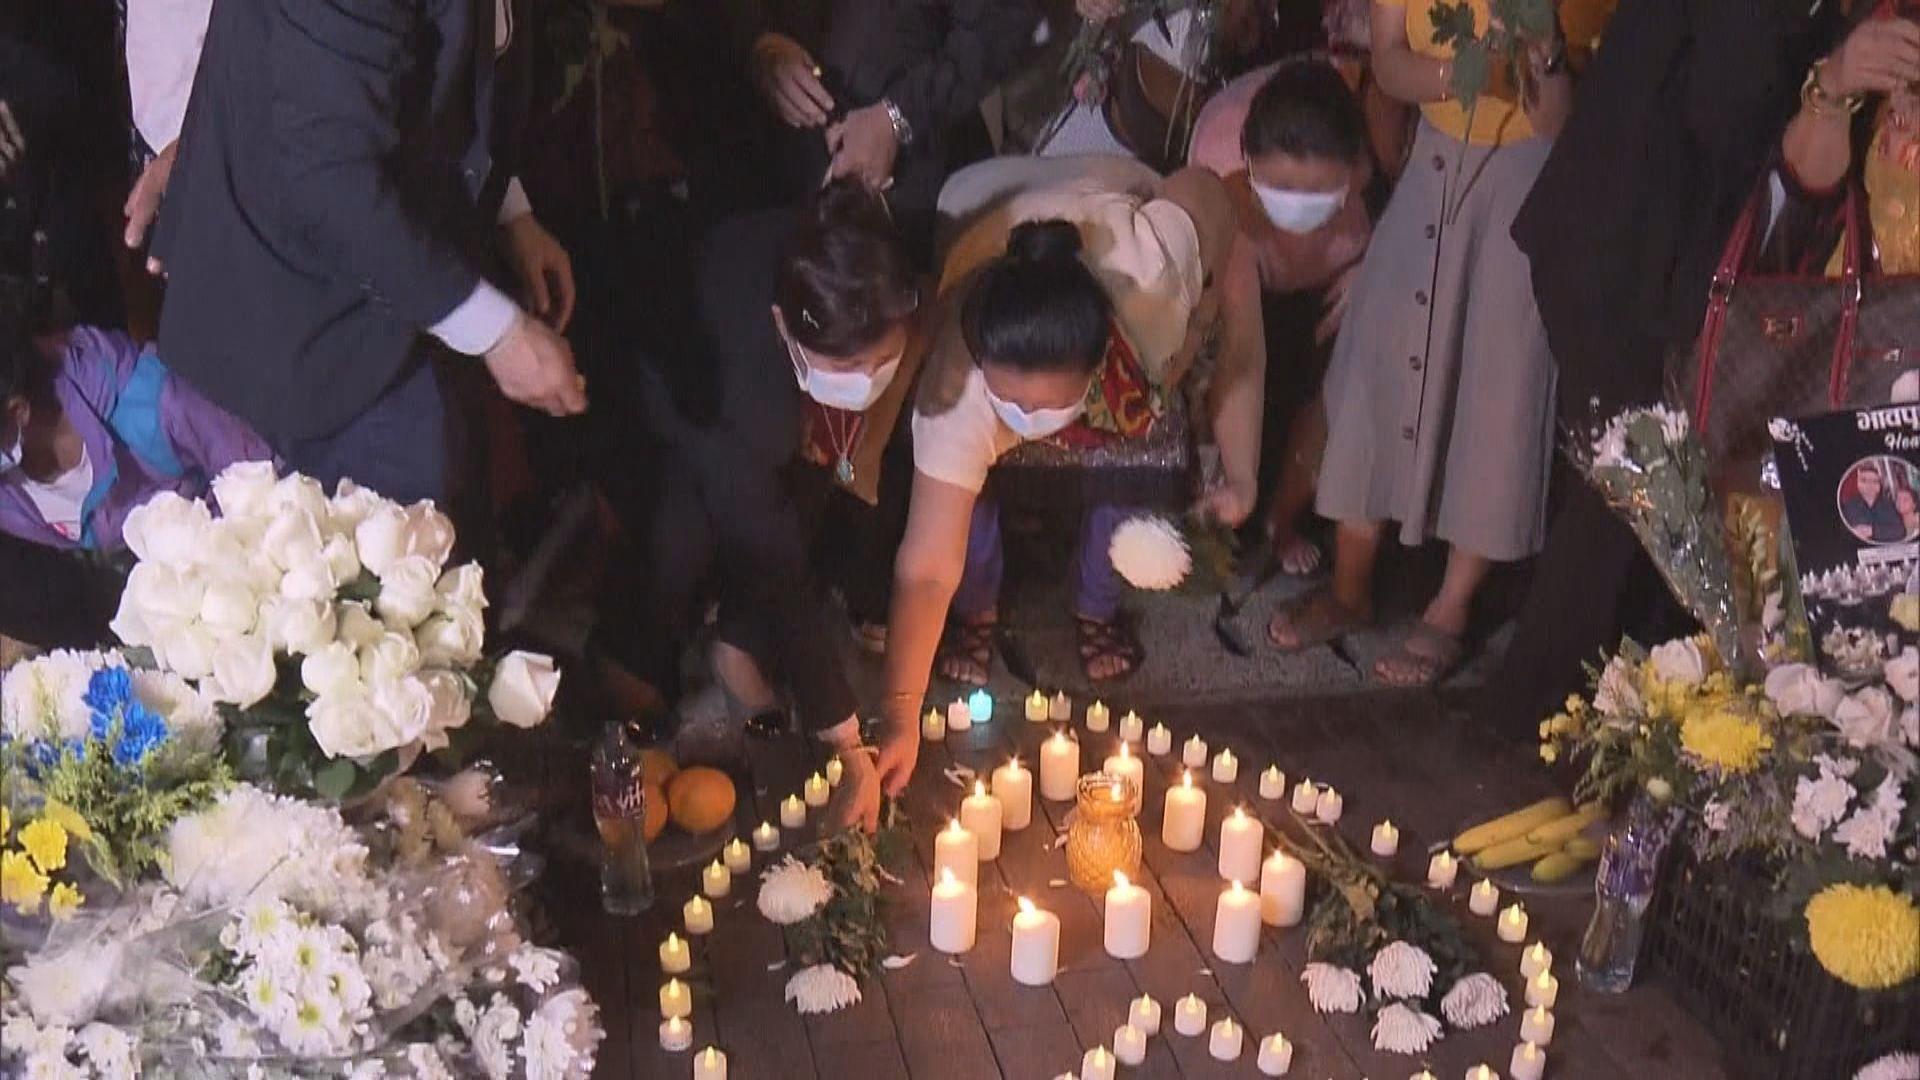 尼泊爾駐港領事館舉辦儀式 悼念唐樓大火死者